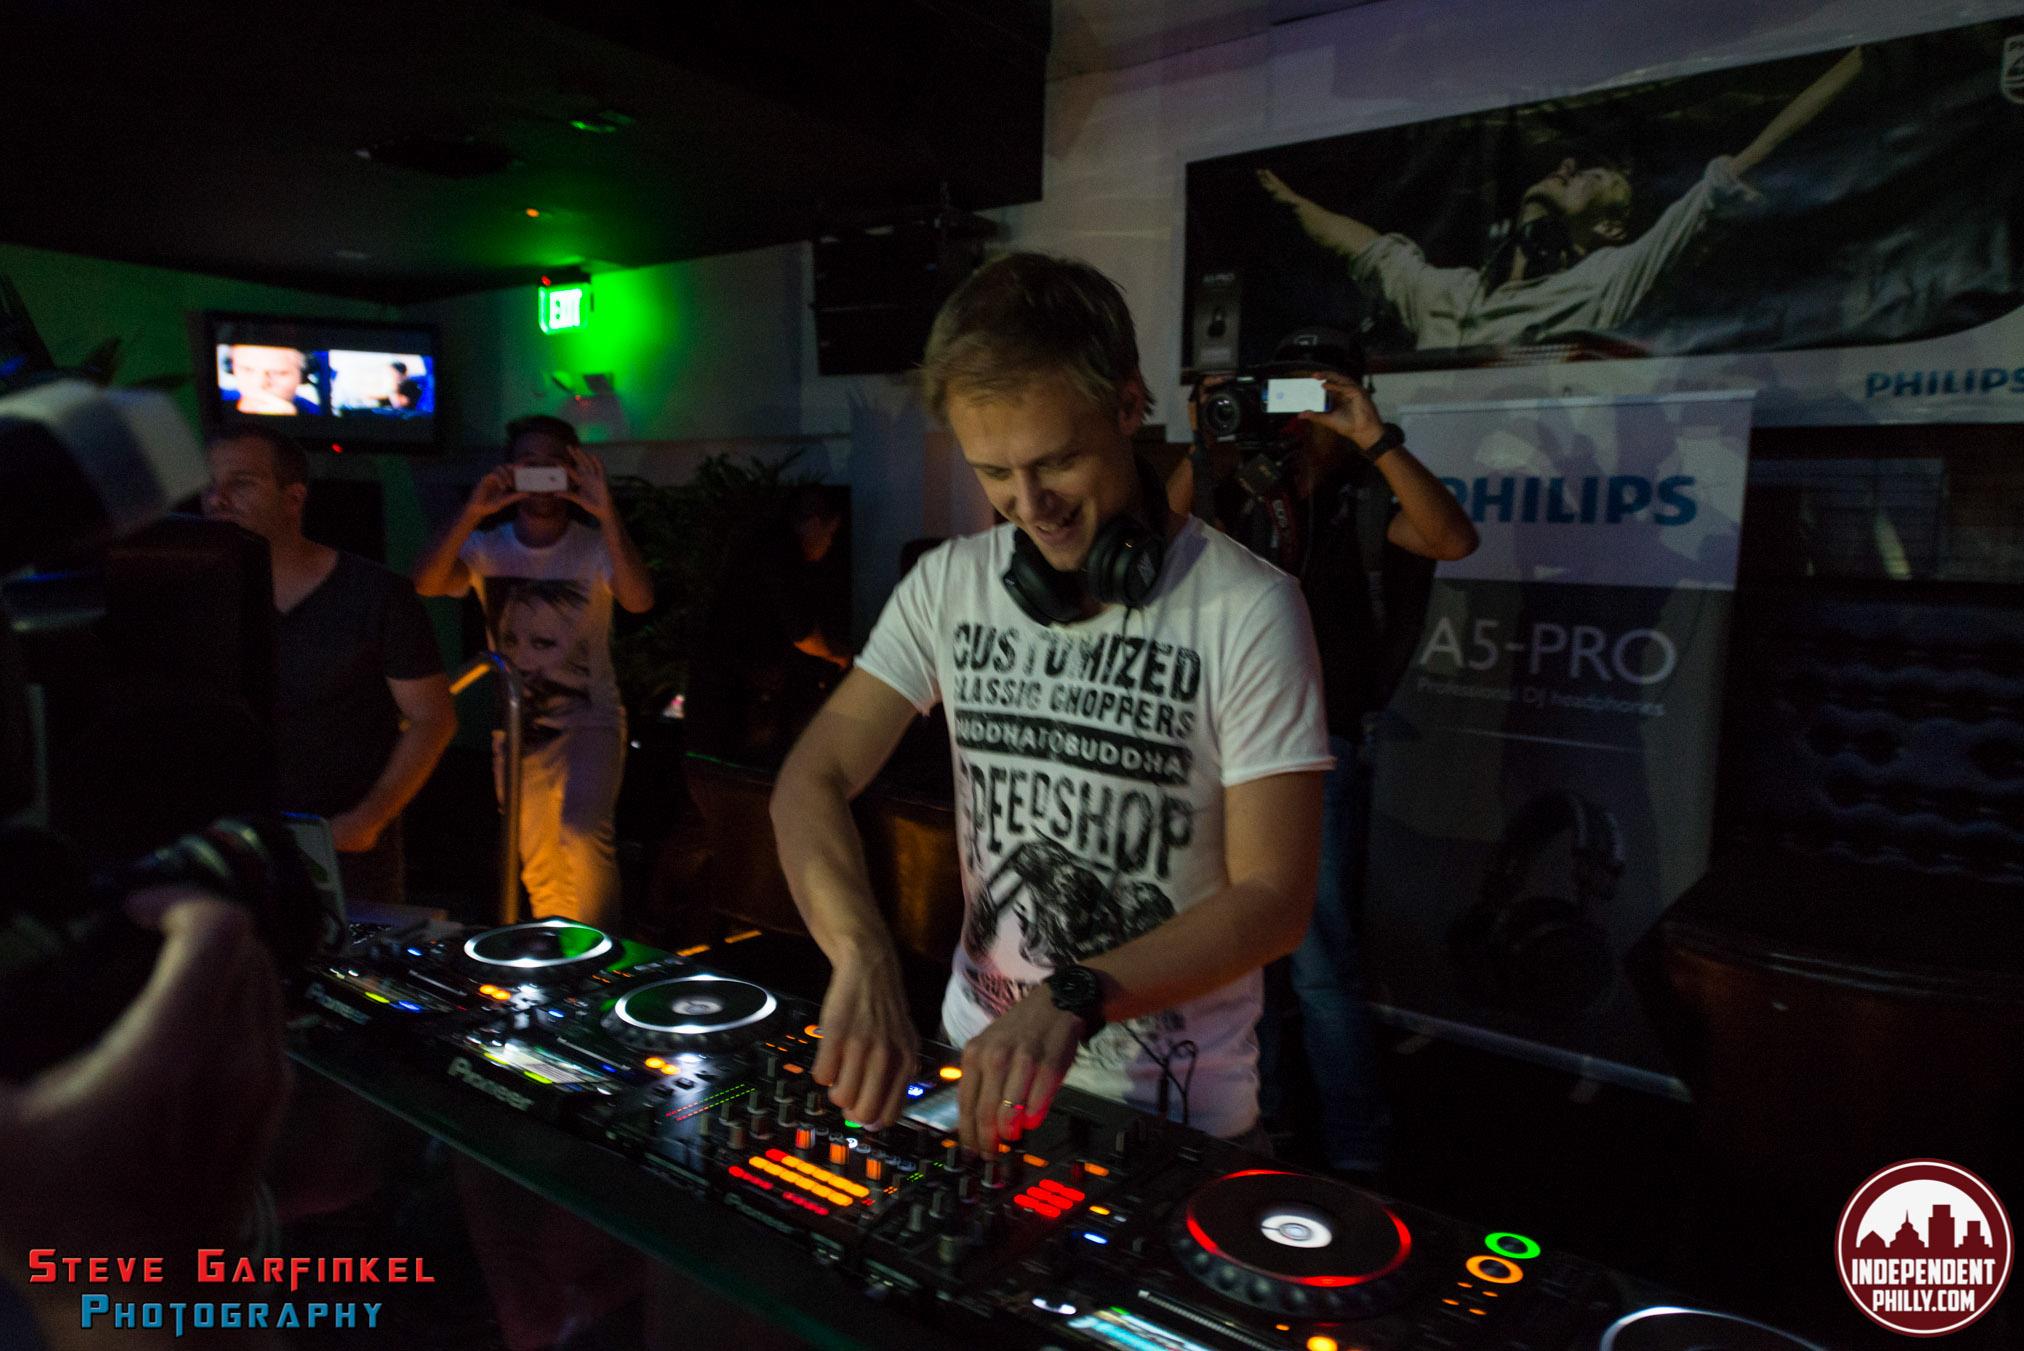 Armin-35